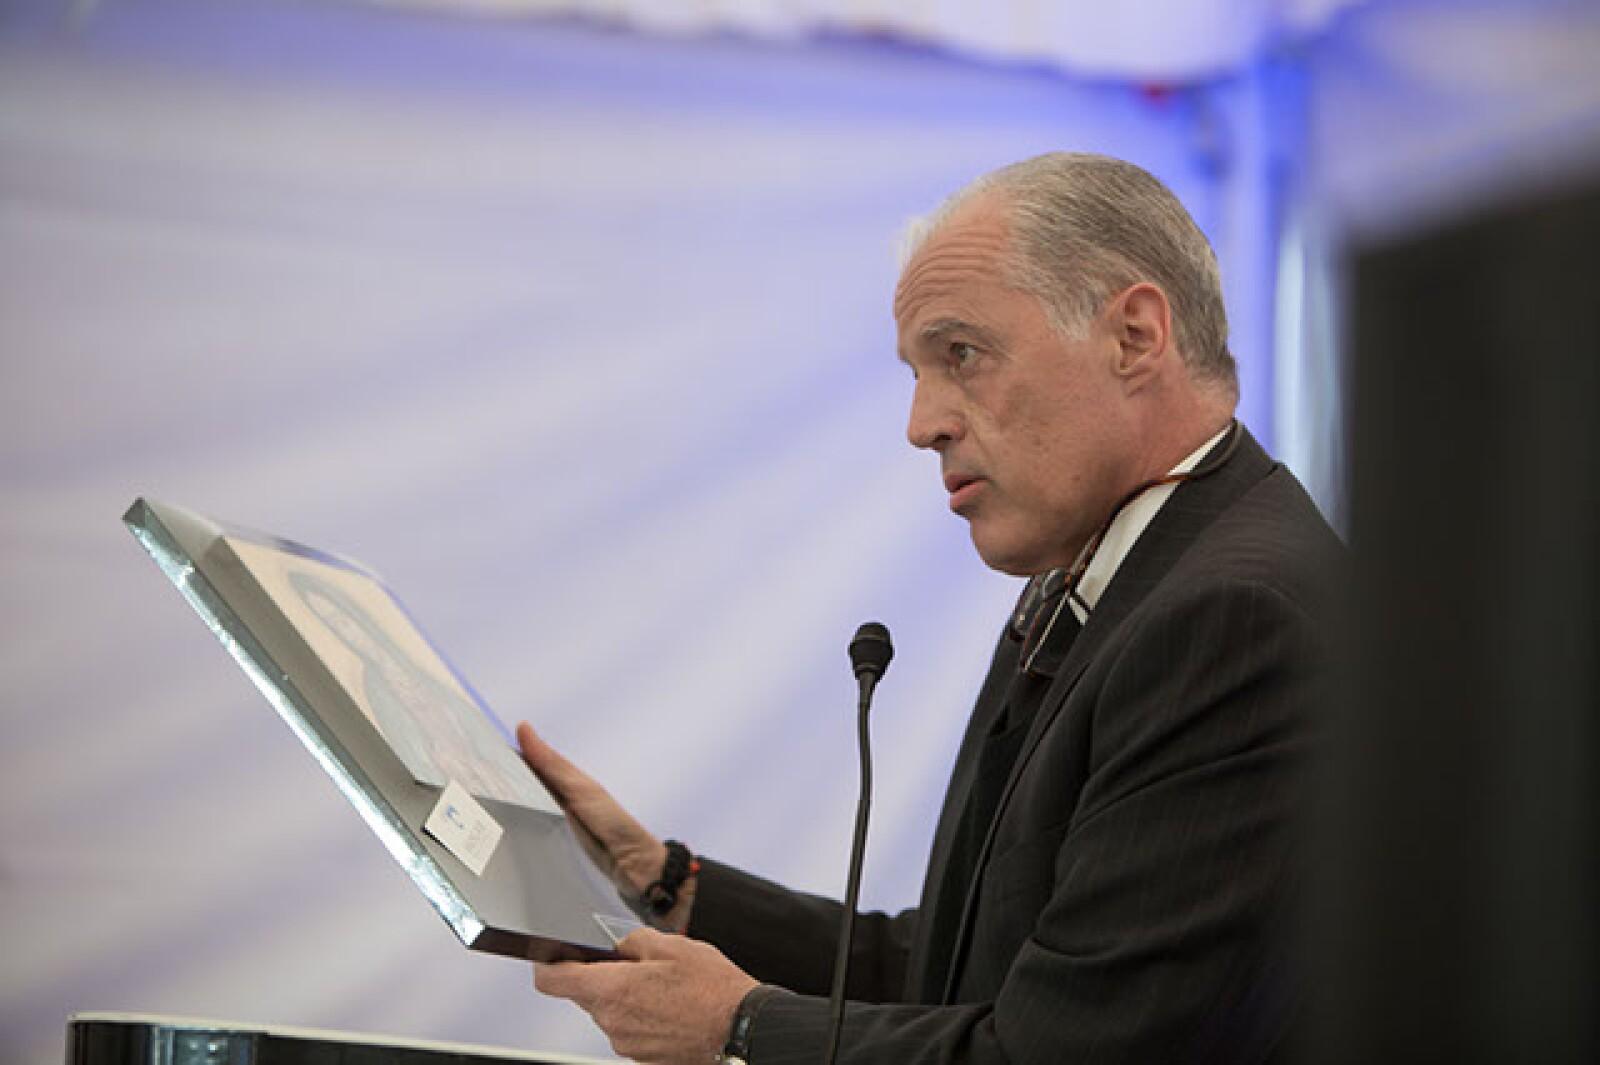 Alfonso Lebrija